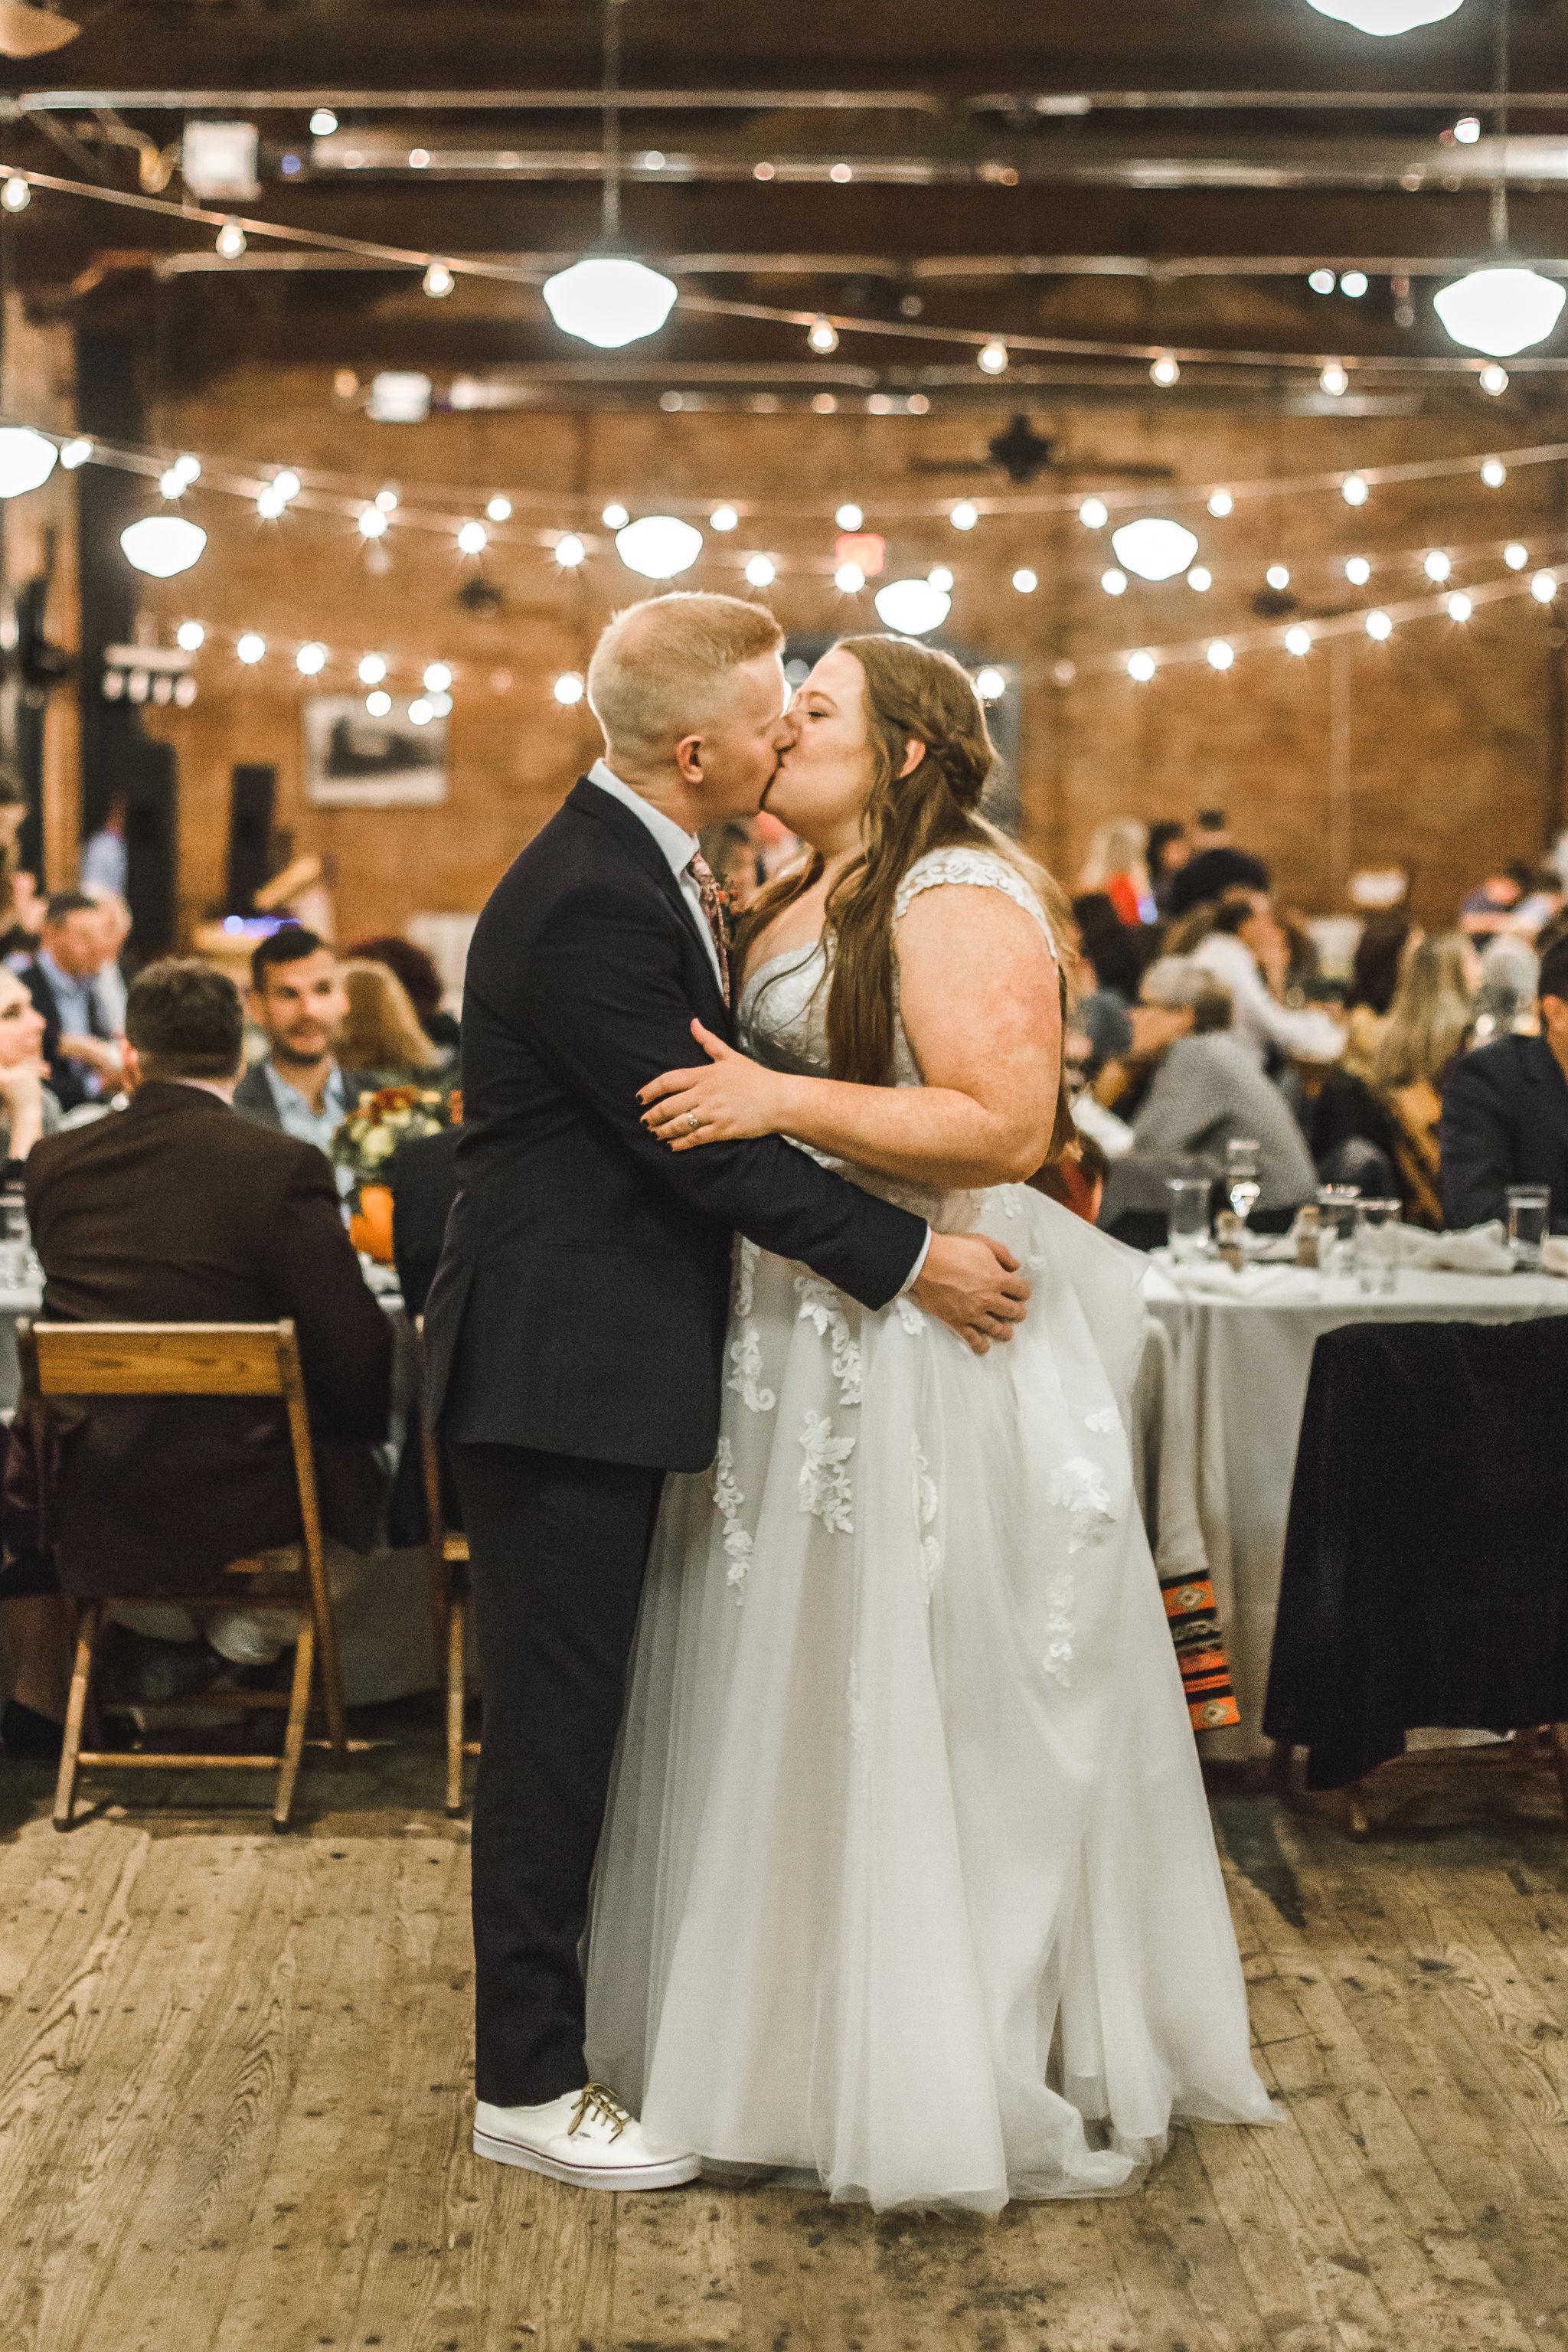 Ypsilanti Freighthouse Wedding Reception